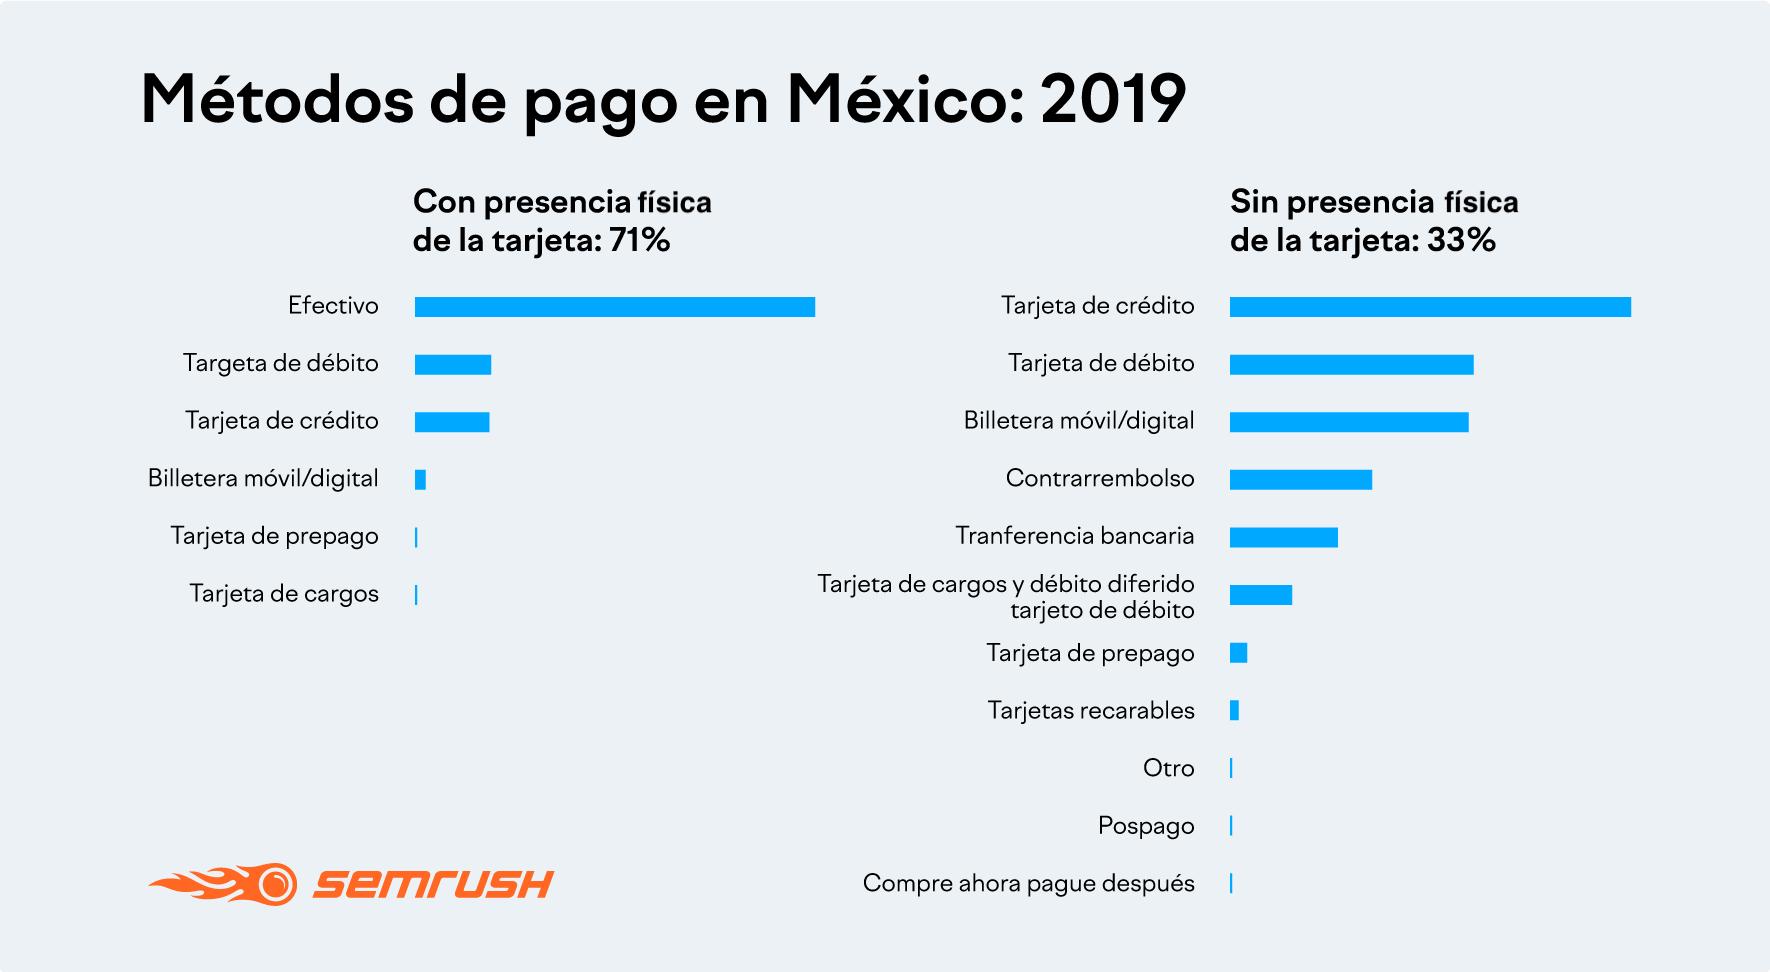 Métodos de pago en México